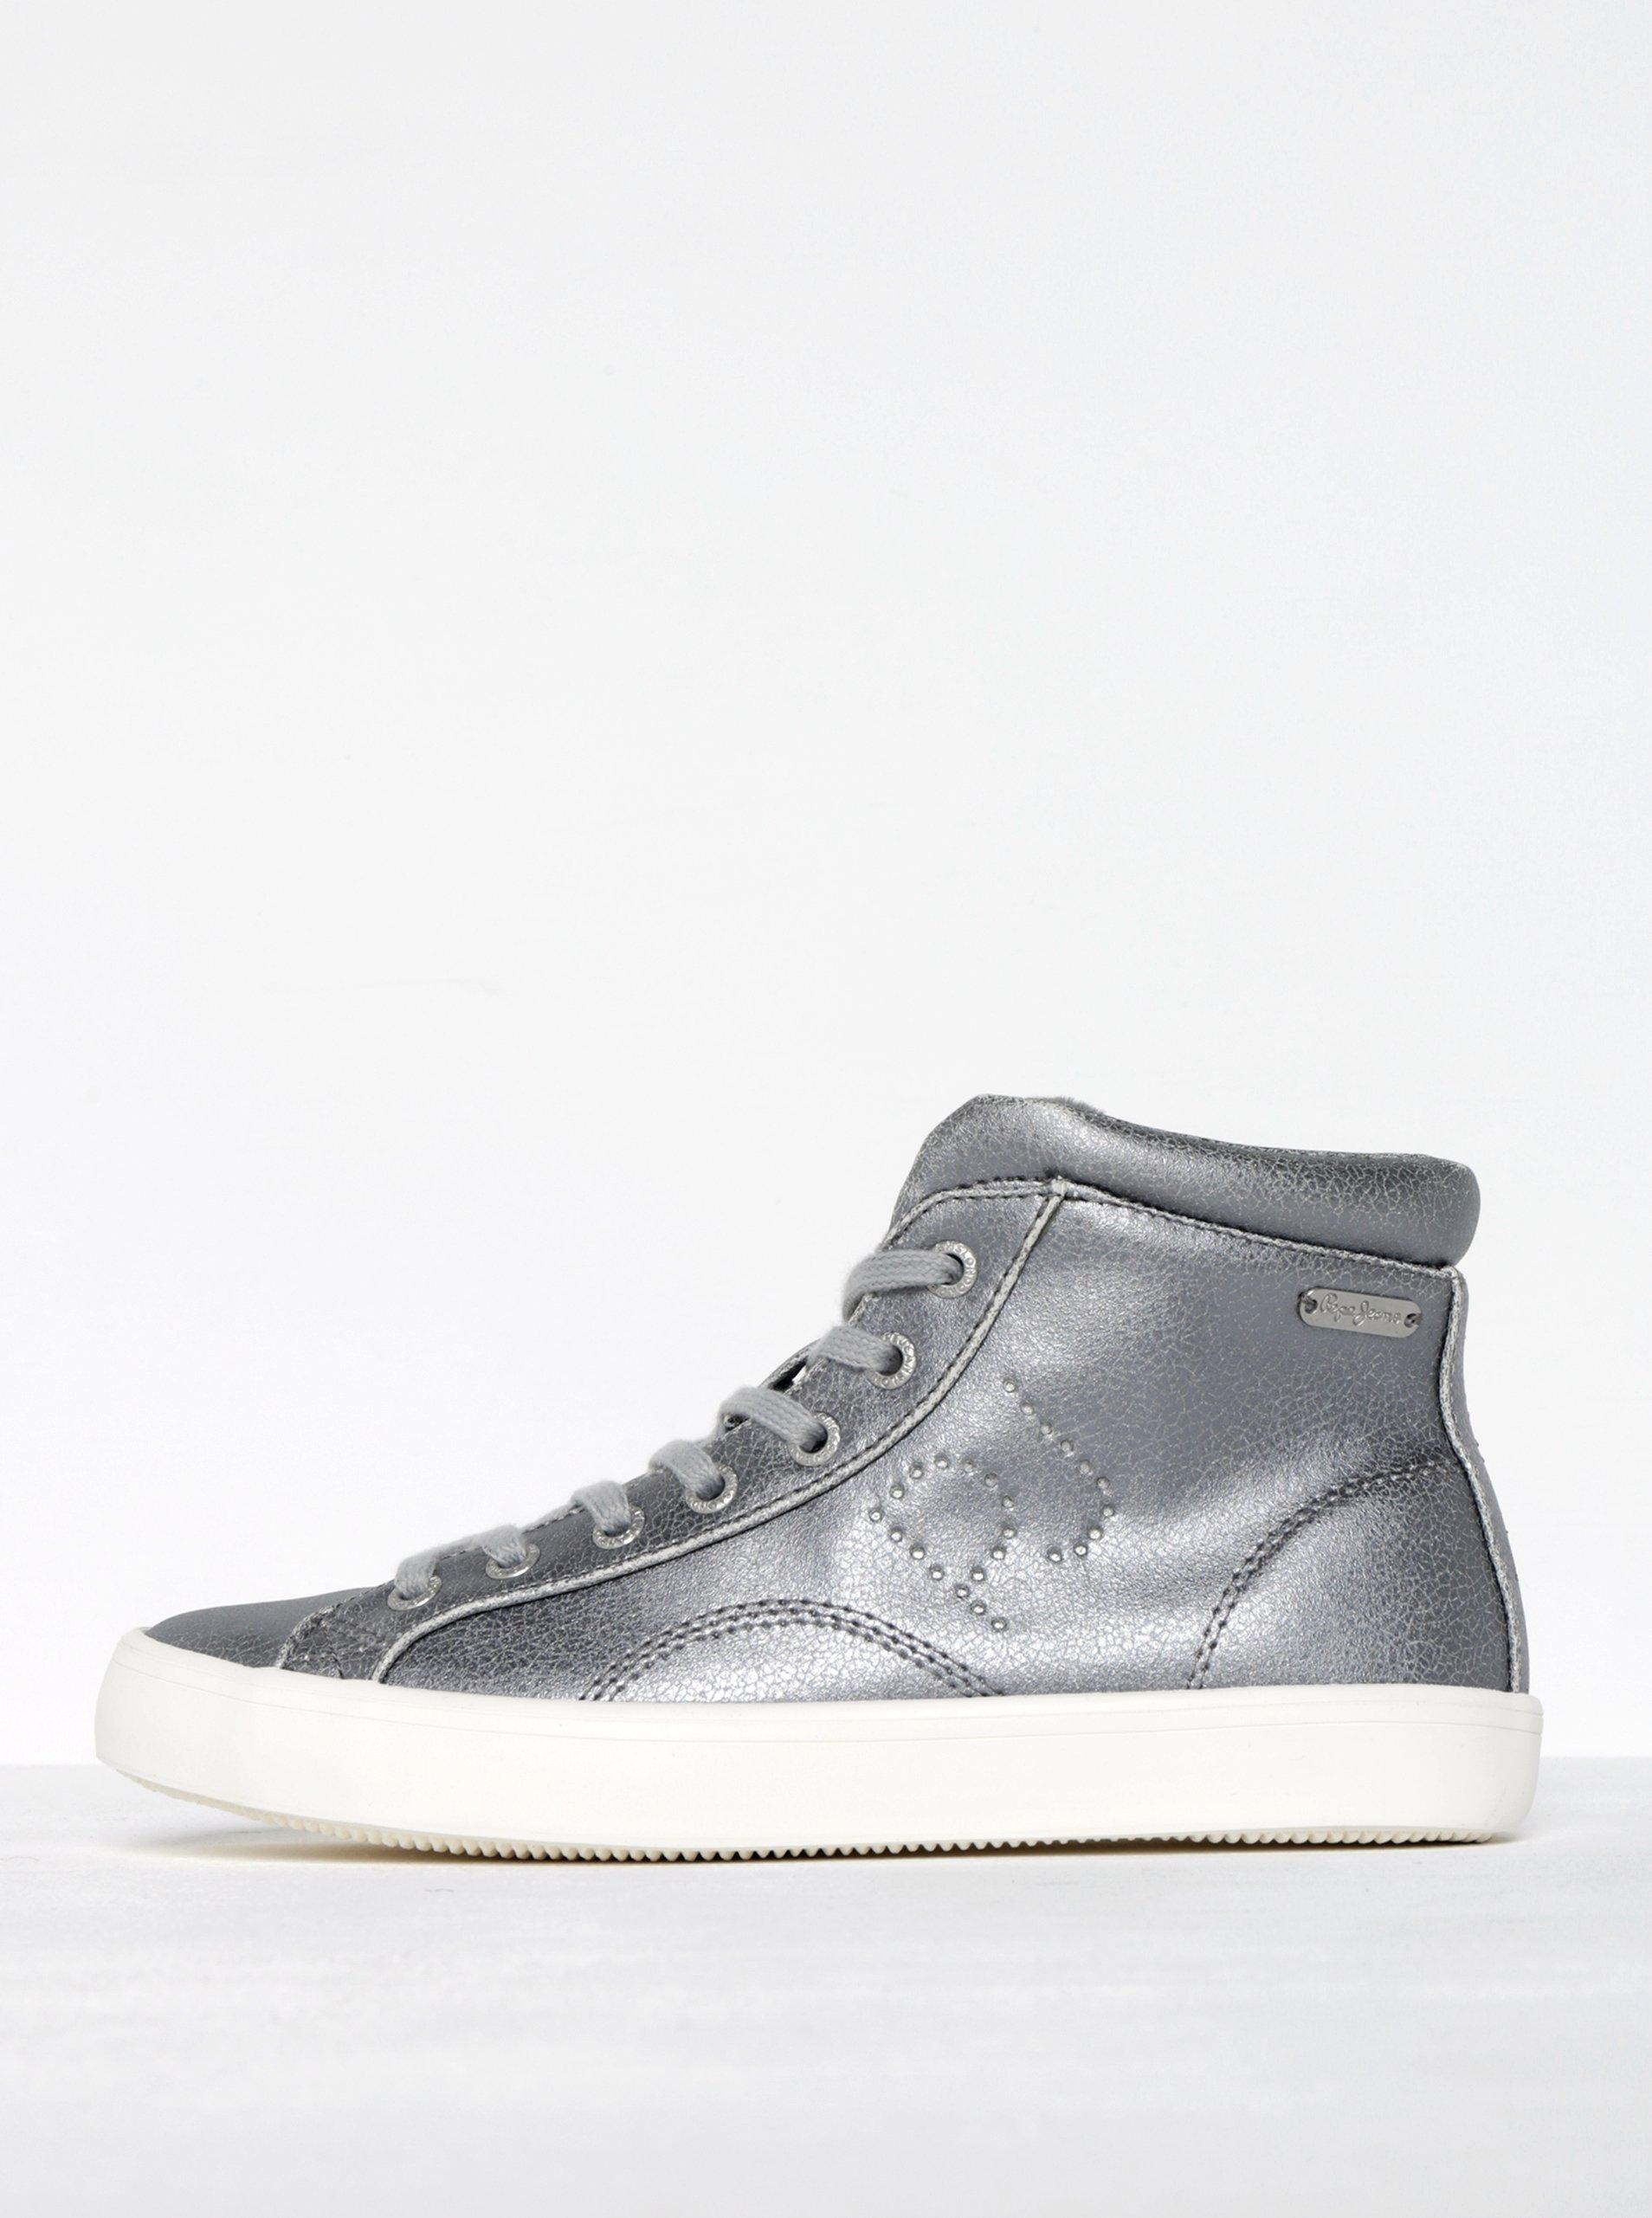 Dámské kotníkové tenisky ve stříbrné barvě Pepe Jeans Clinton Sally